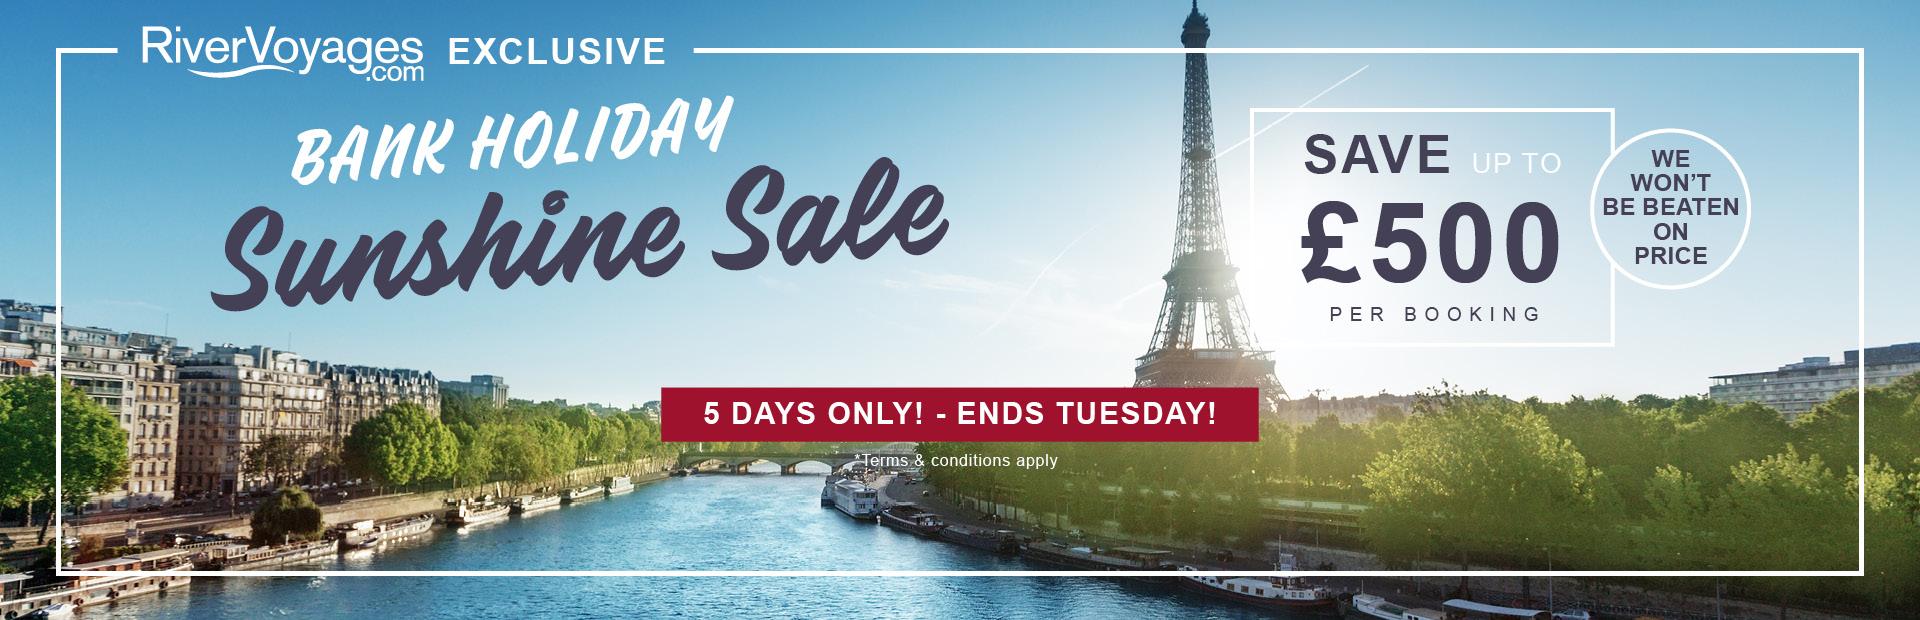 RiverVoyages - Bank Holiday Sale